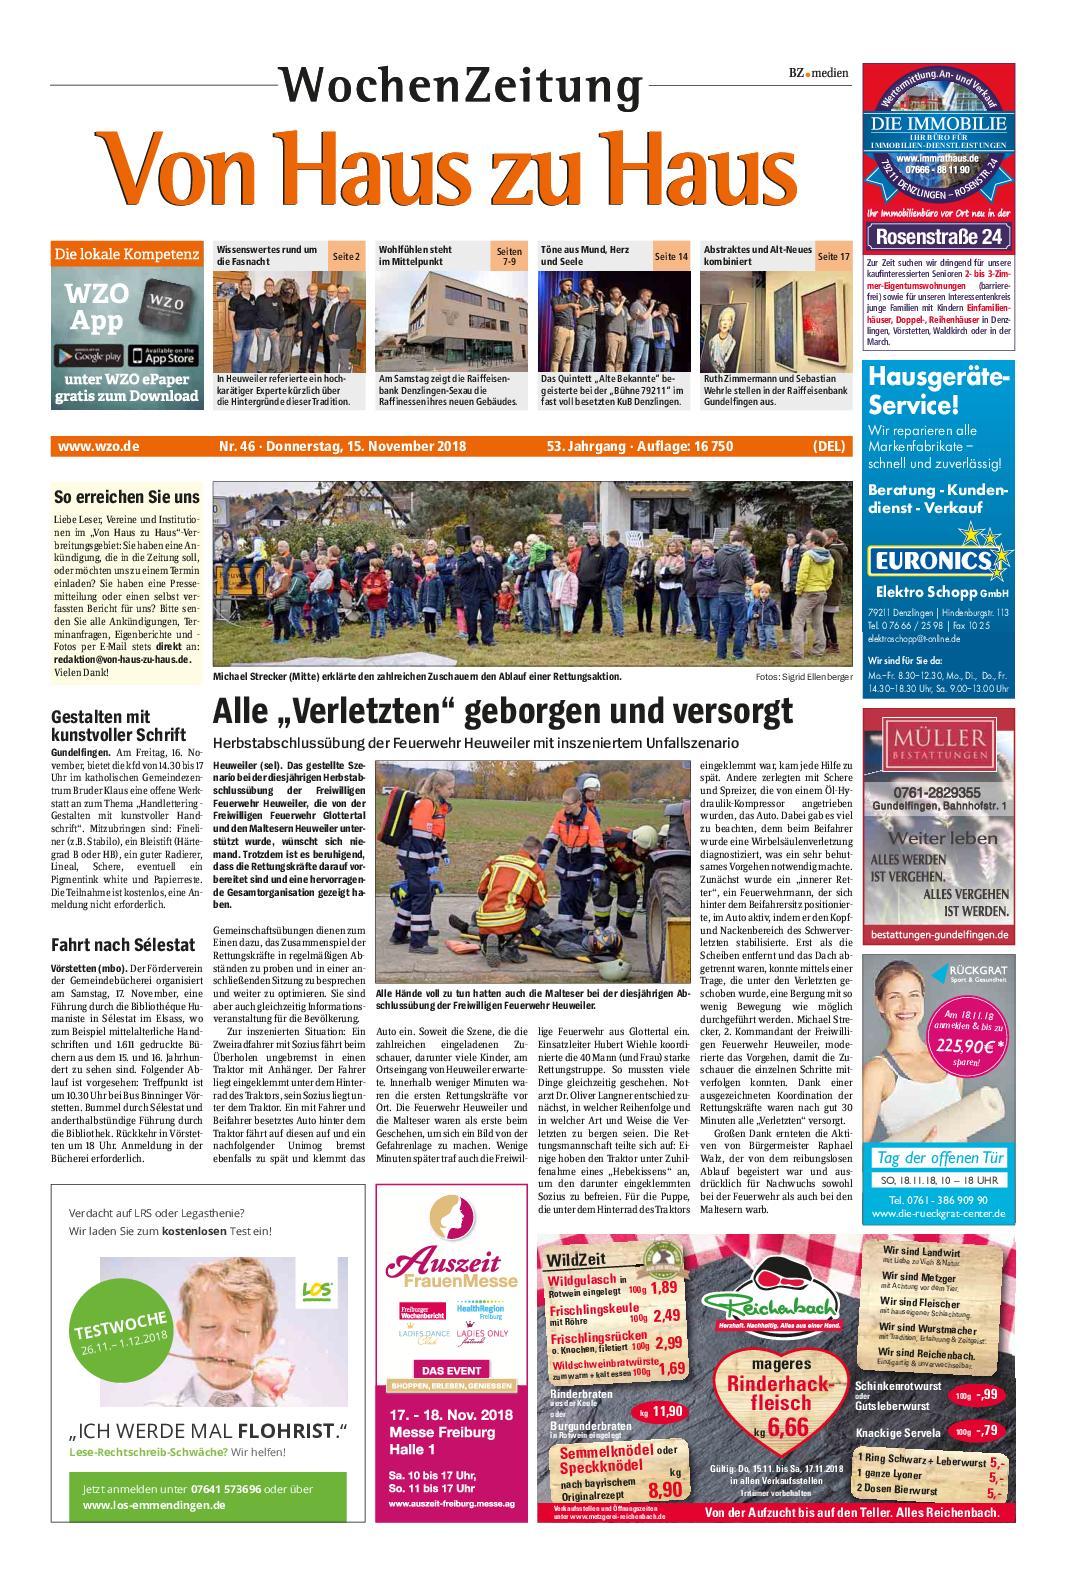 Calaméo - VHZH-Denzlingen-Land 158de1a8e93